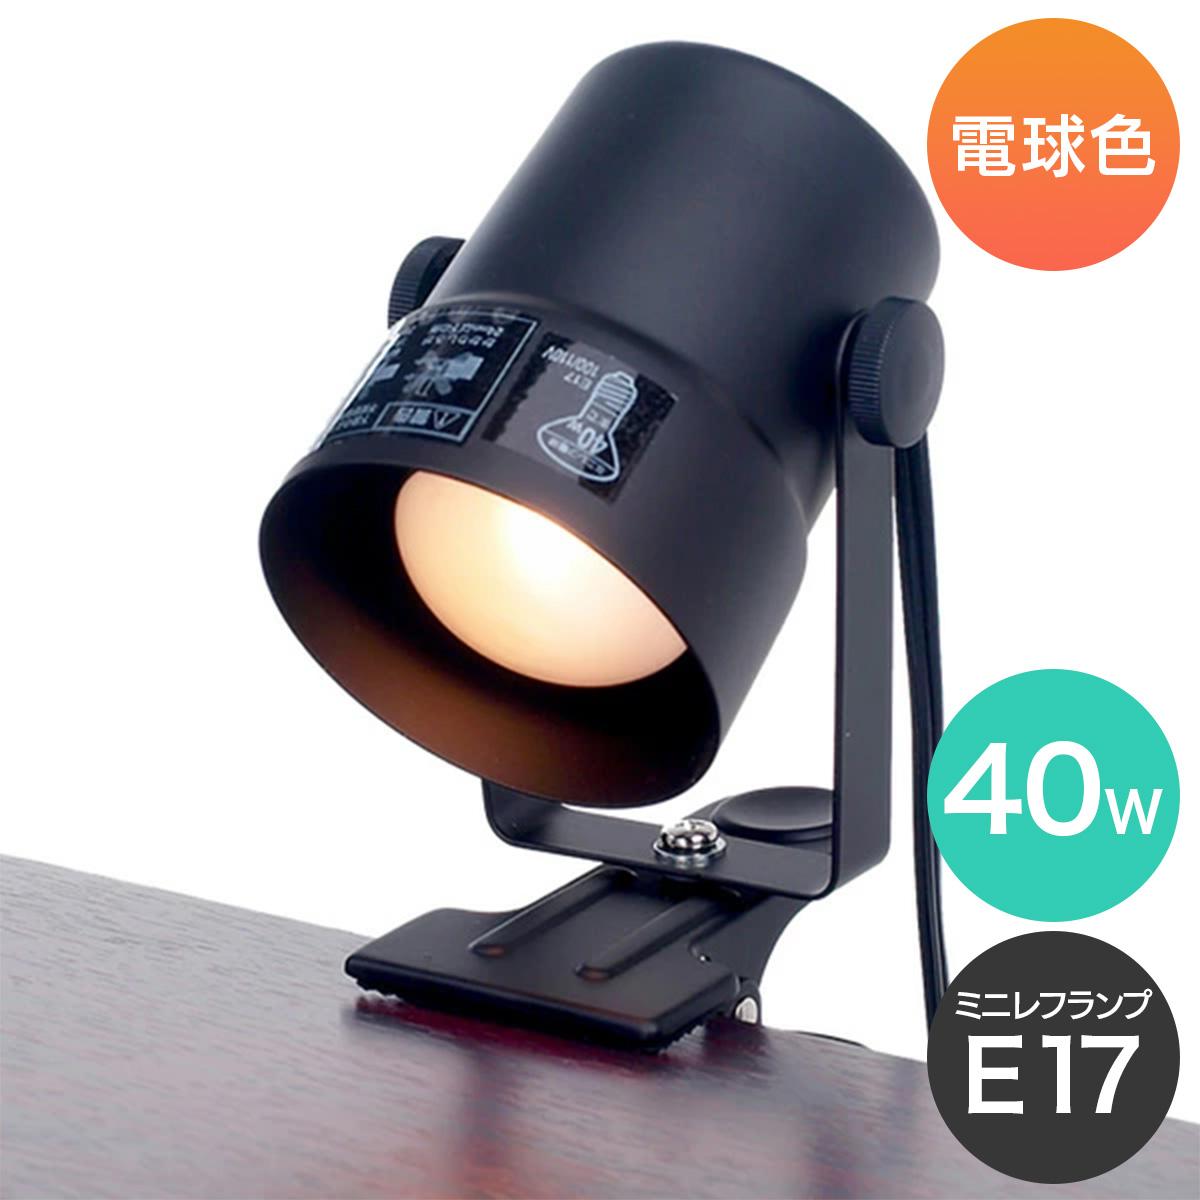 エルパ ブラック 回転ヘッド 誕生日プレゼント クリップライト 360度の回転ヘッドでどこでも照らすレフランプ使用でスポット照明に最適 BK ELPA SPOT-CR40 朝日電器 超定番